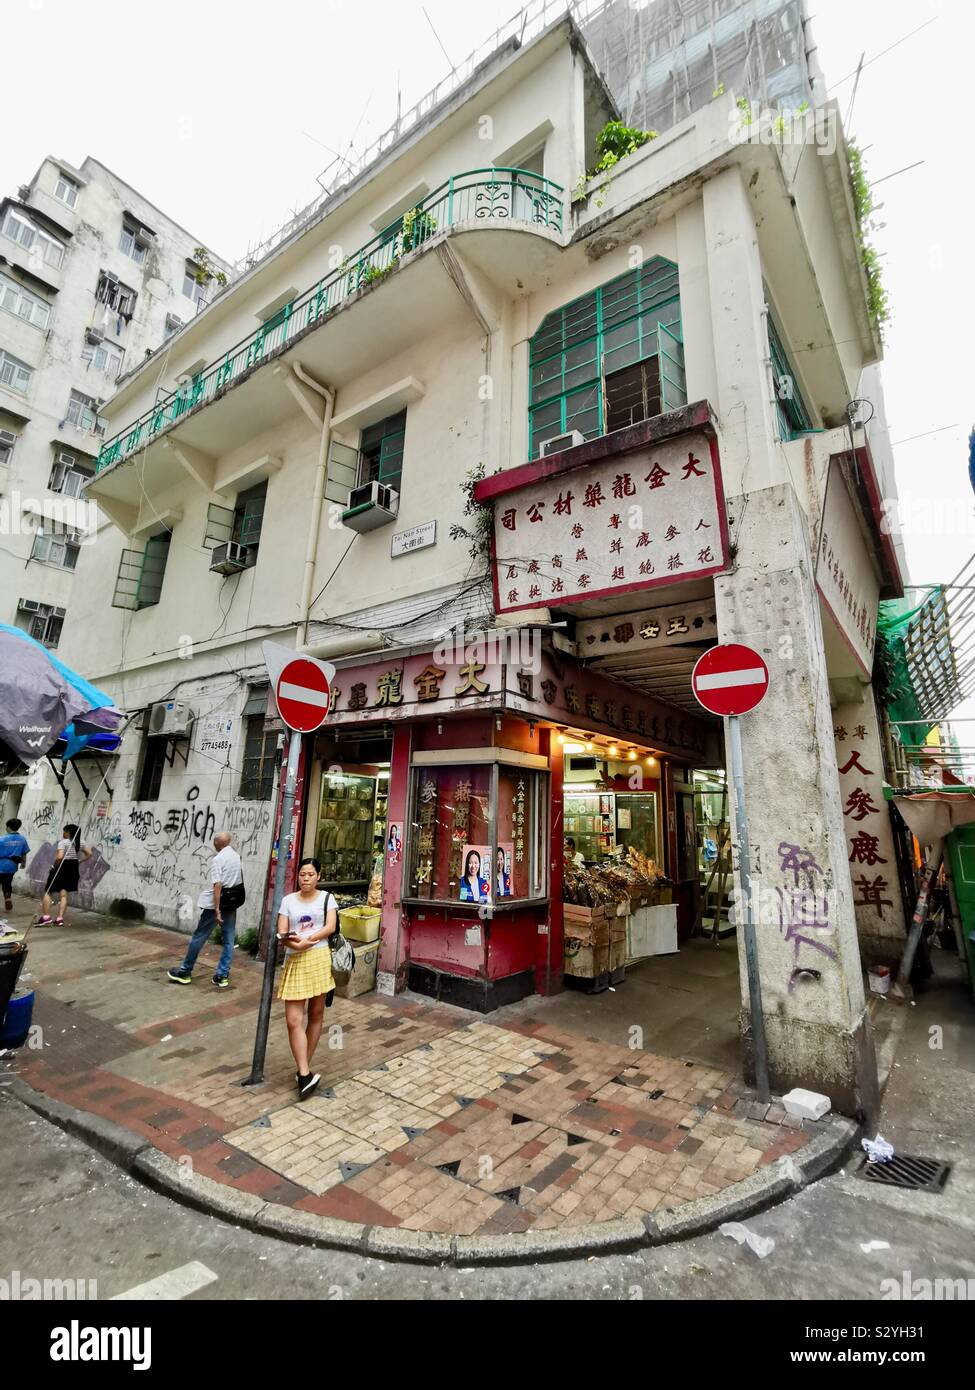 Ein wunderschönes altes Gebäude auf Tai Nan Straße in Sham Shui Po in Hongkong. Stockfoto